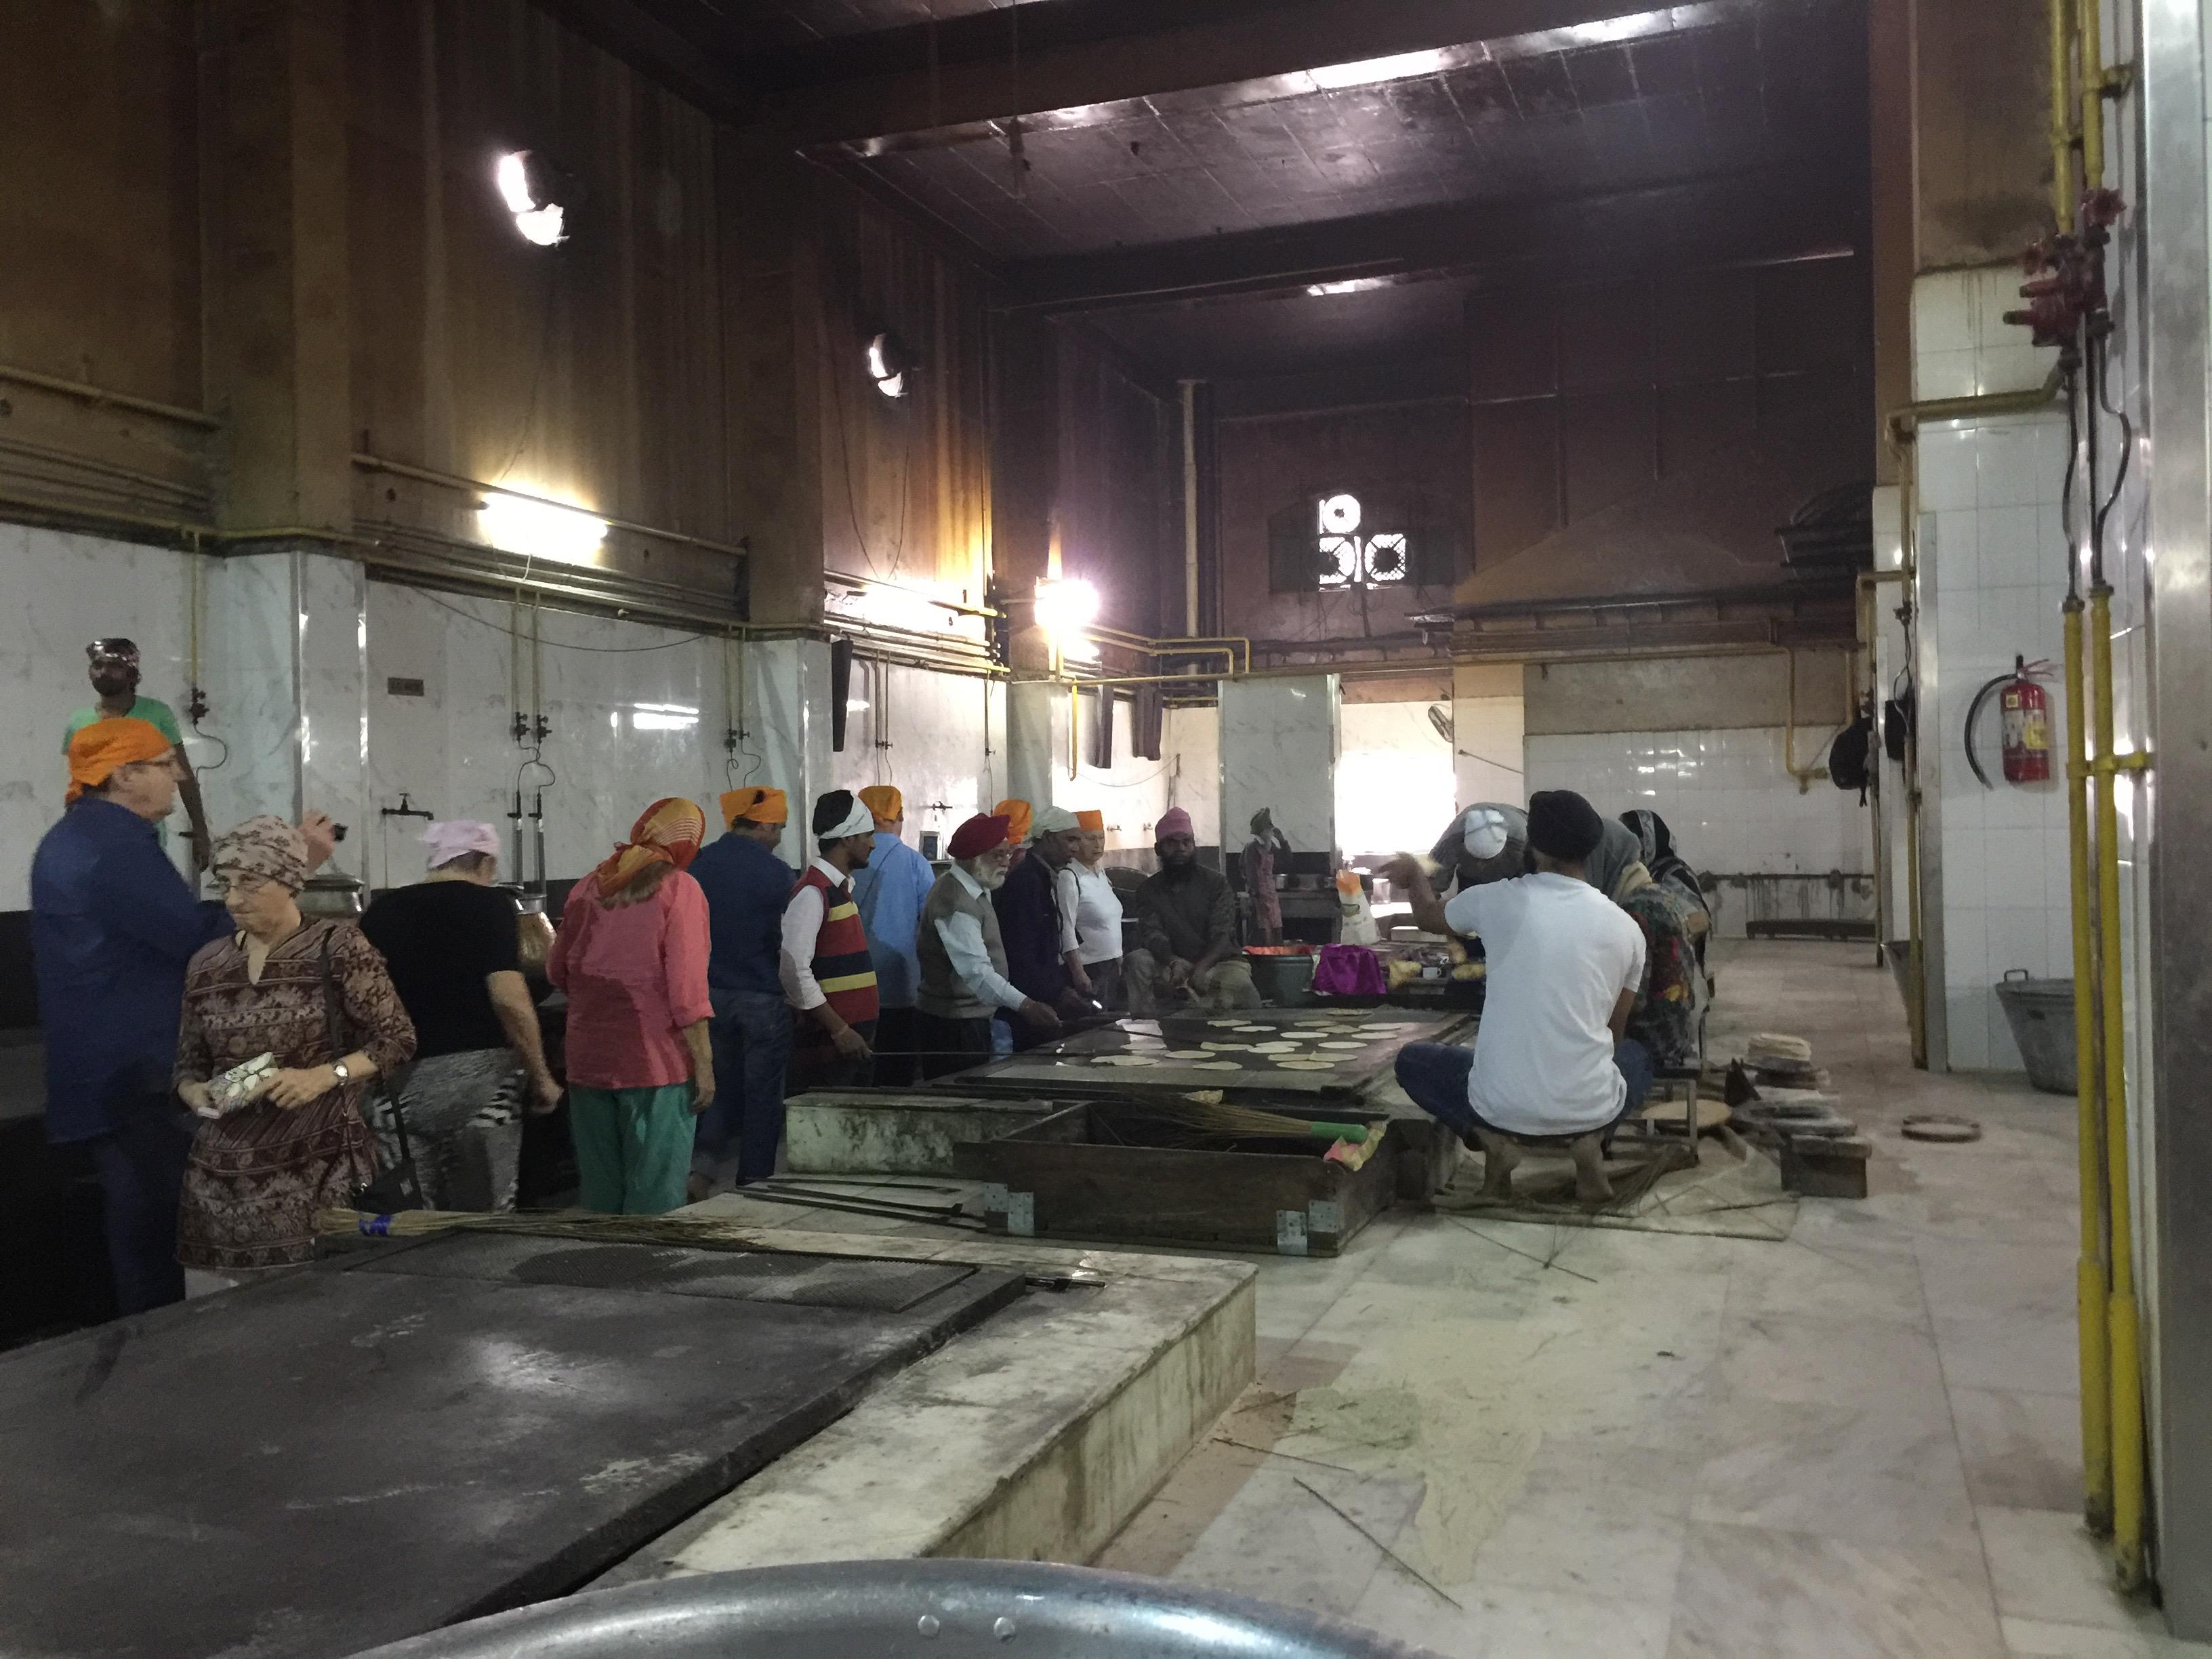 Kuchnia w Gurudwara Bangla Sahib świątyni